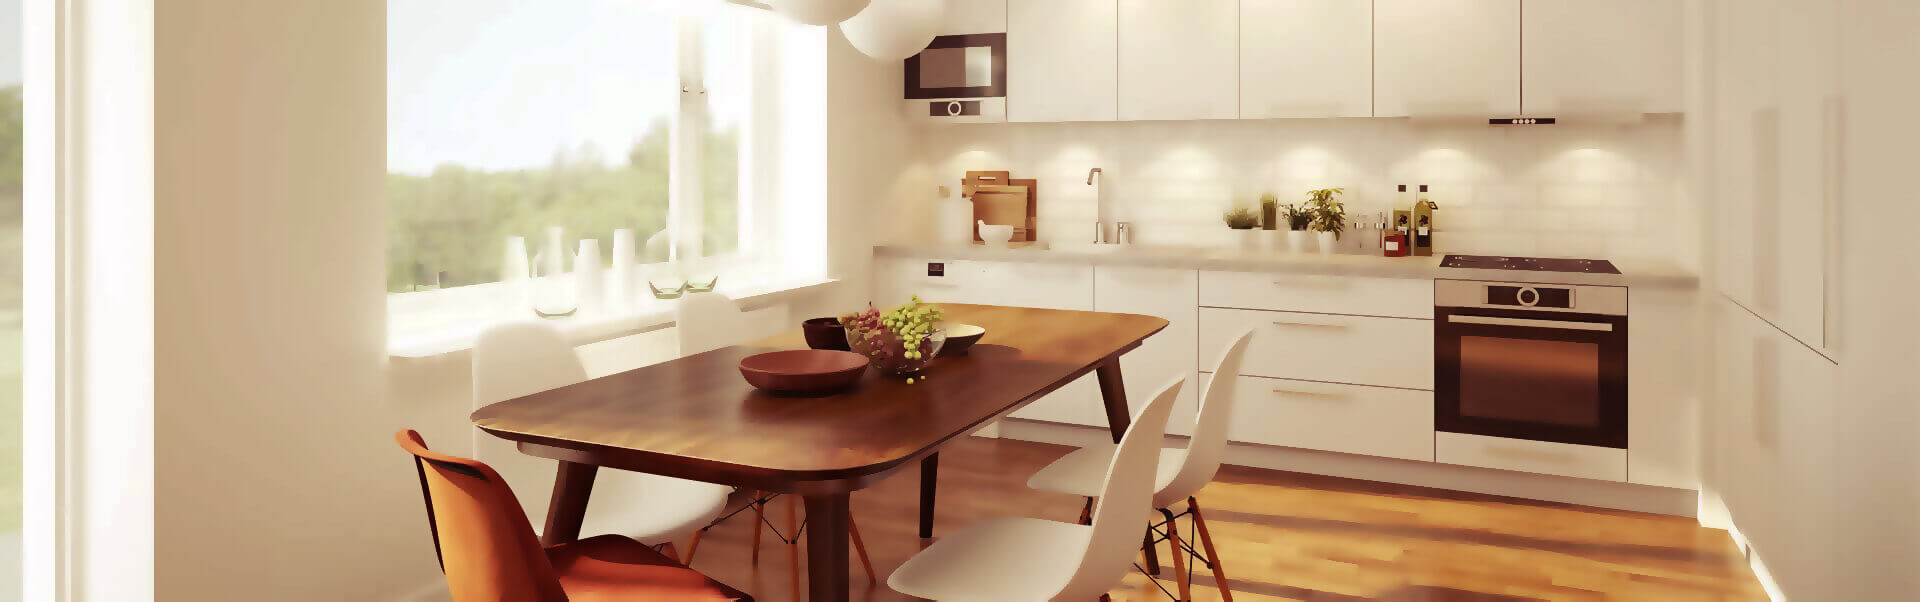 Küchen Baden Baden küchen baden württemberg küchenstudio küche